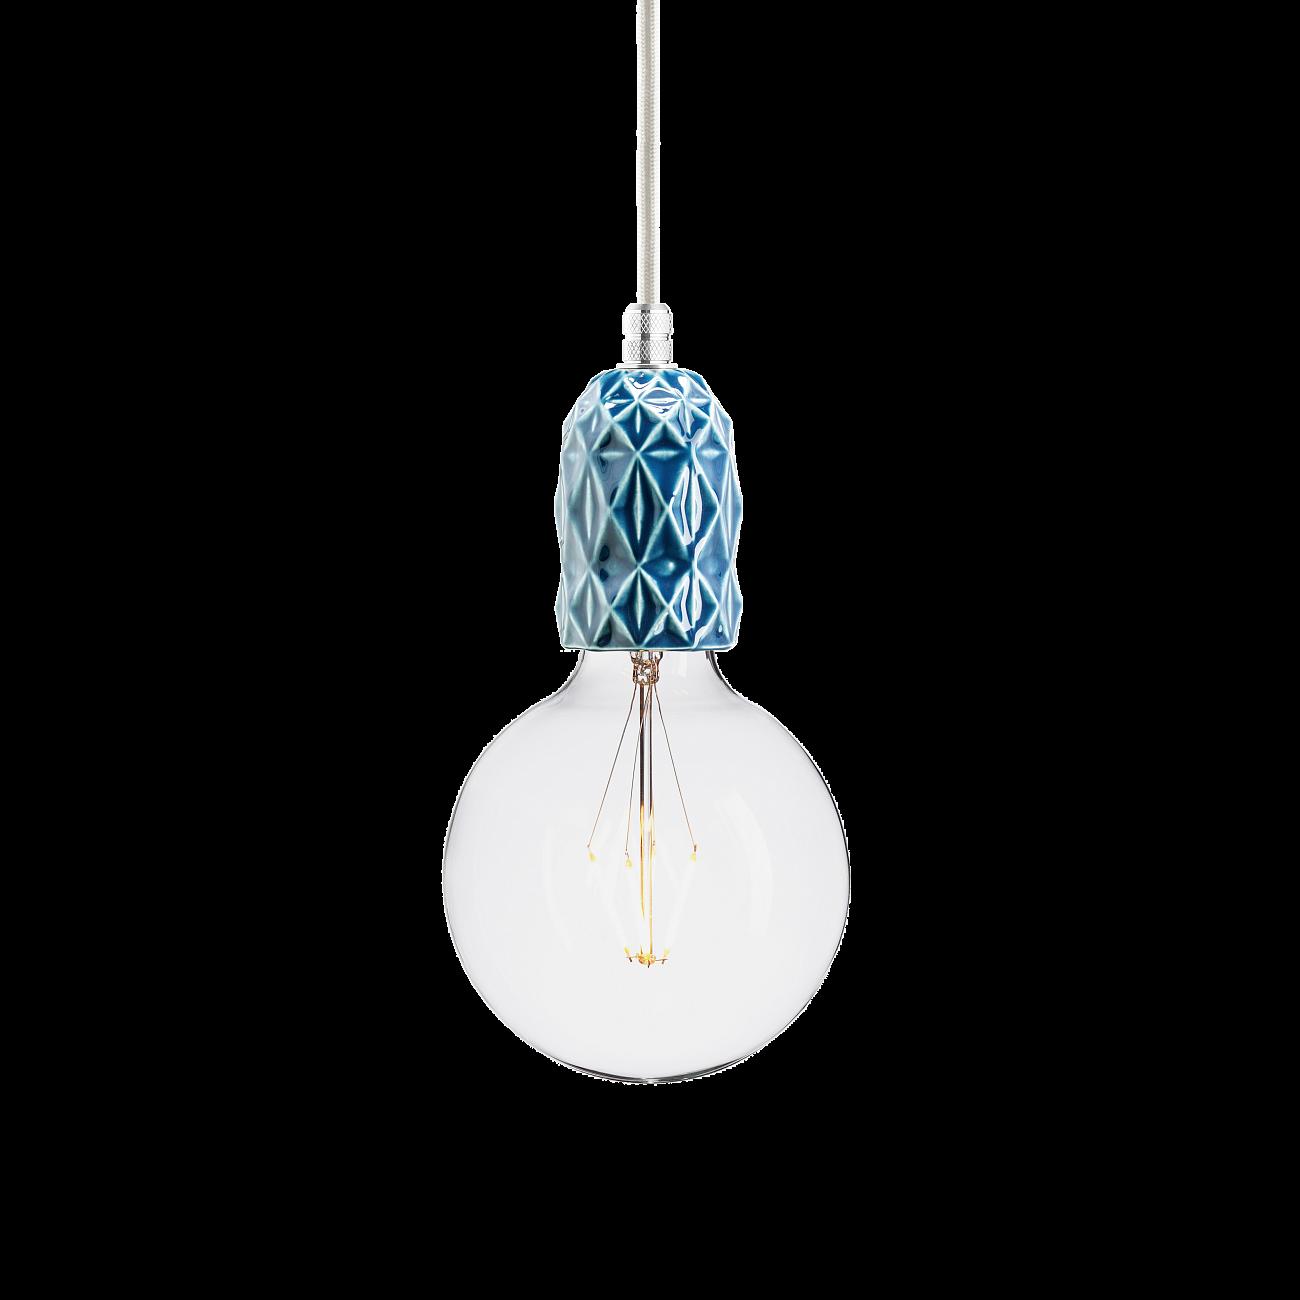 Купить Подвесной светильник KERAMIK AIR INDIGO ALUMINUM в интернет магазине дизайнерской мебели и аксессуаров для дома и дачи